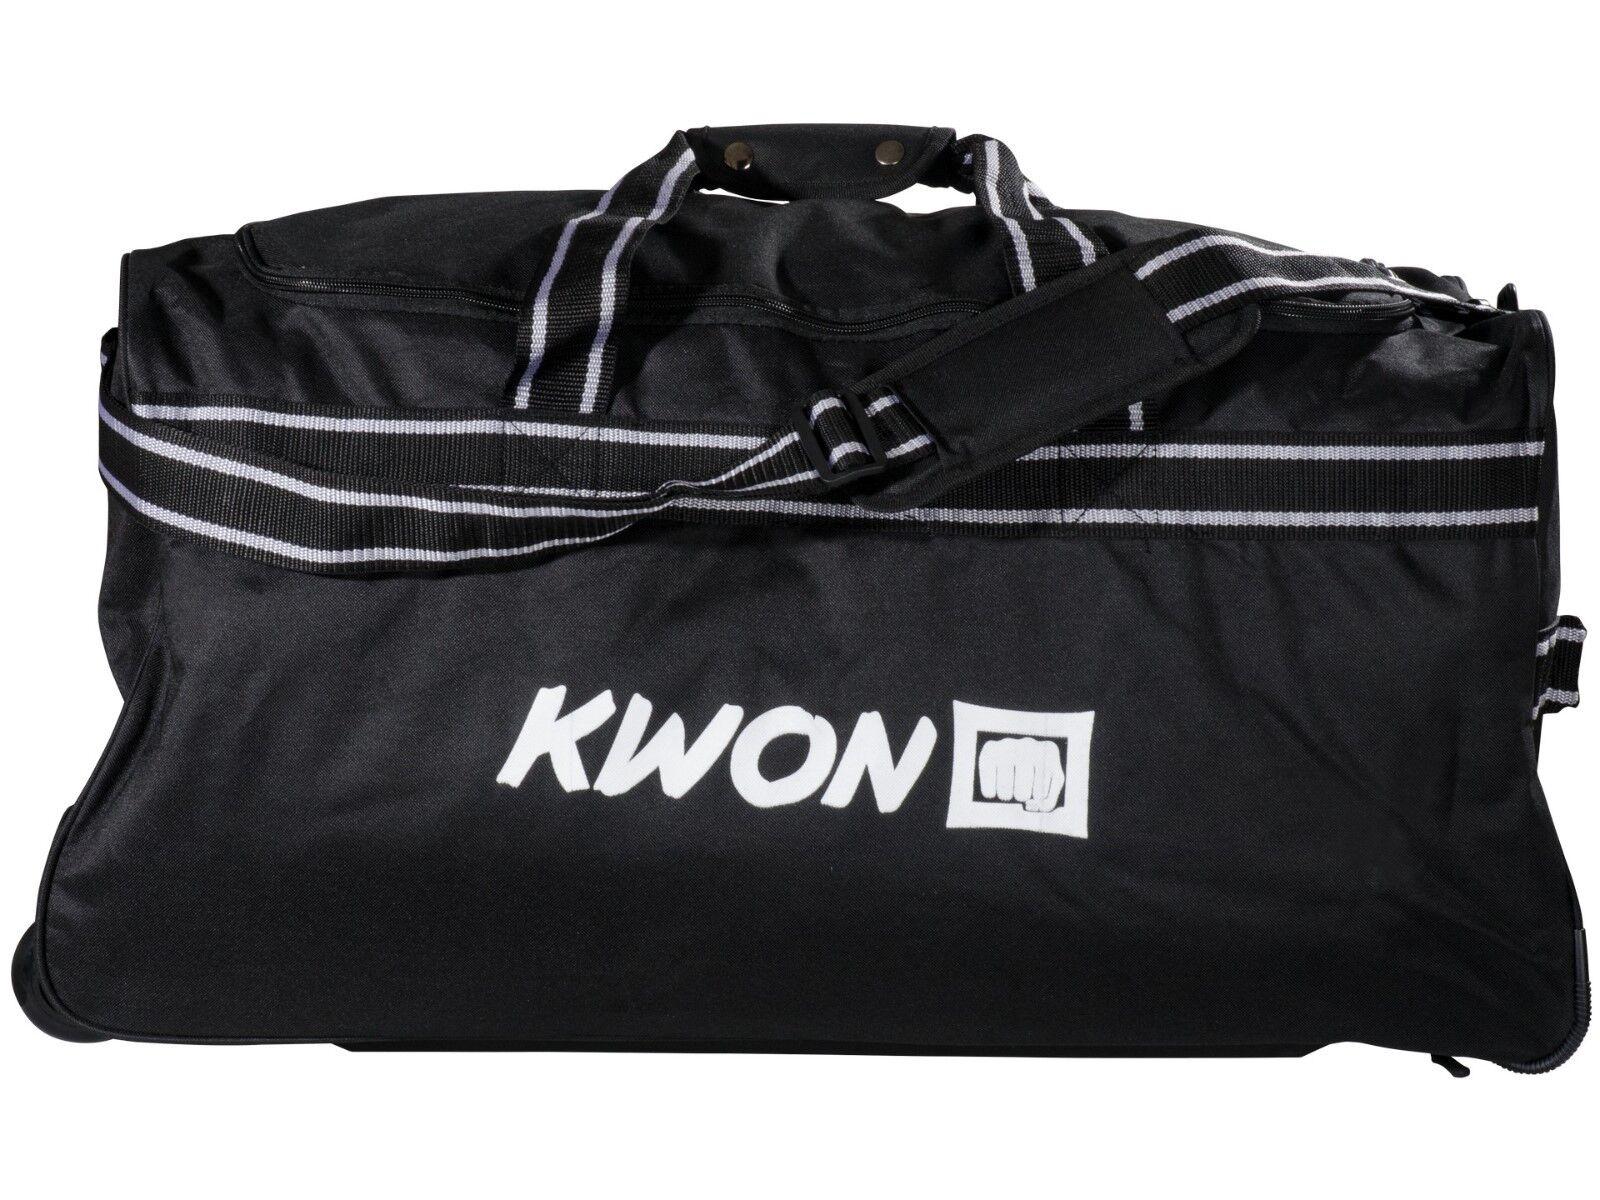 Kwon borsa a rossoelle, 743736 cm, arti marziali, palestra, MMA, Sport, Tempo Libero